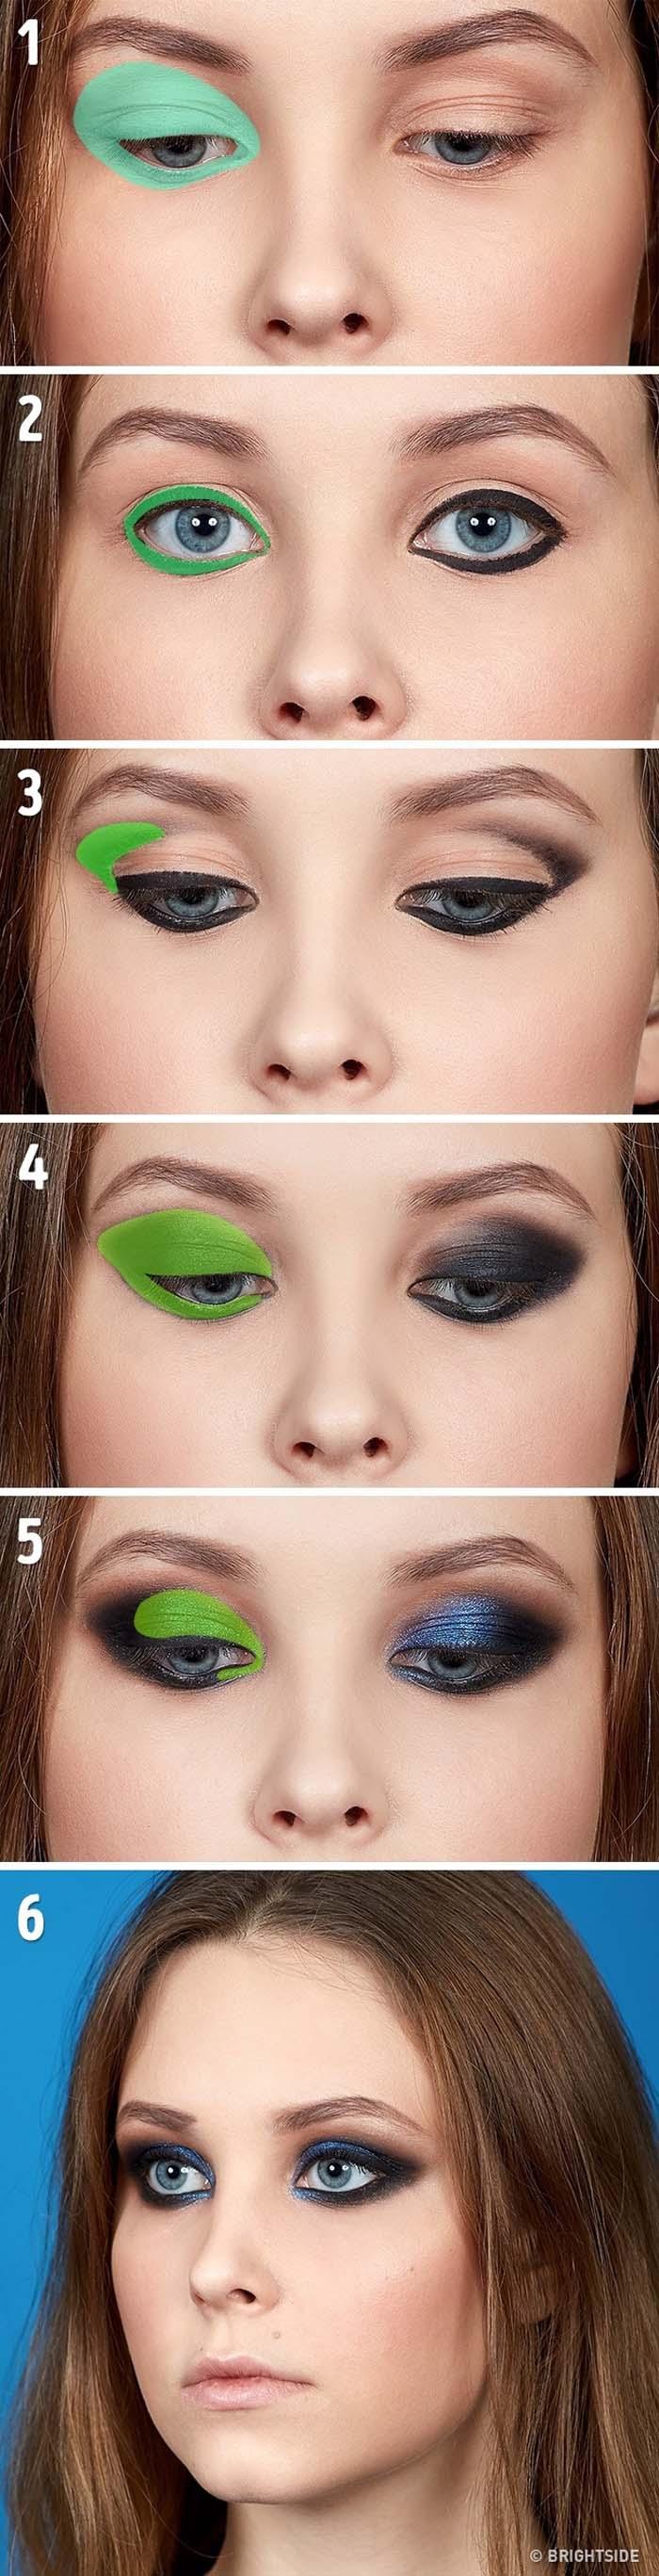 Βασικές τεχνικές στο μακιγιάζ που κάθε γυναίκα πρέπει να γνωρίζει (6)